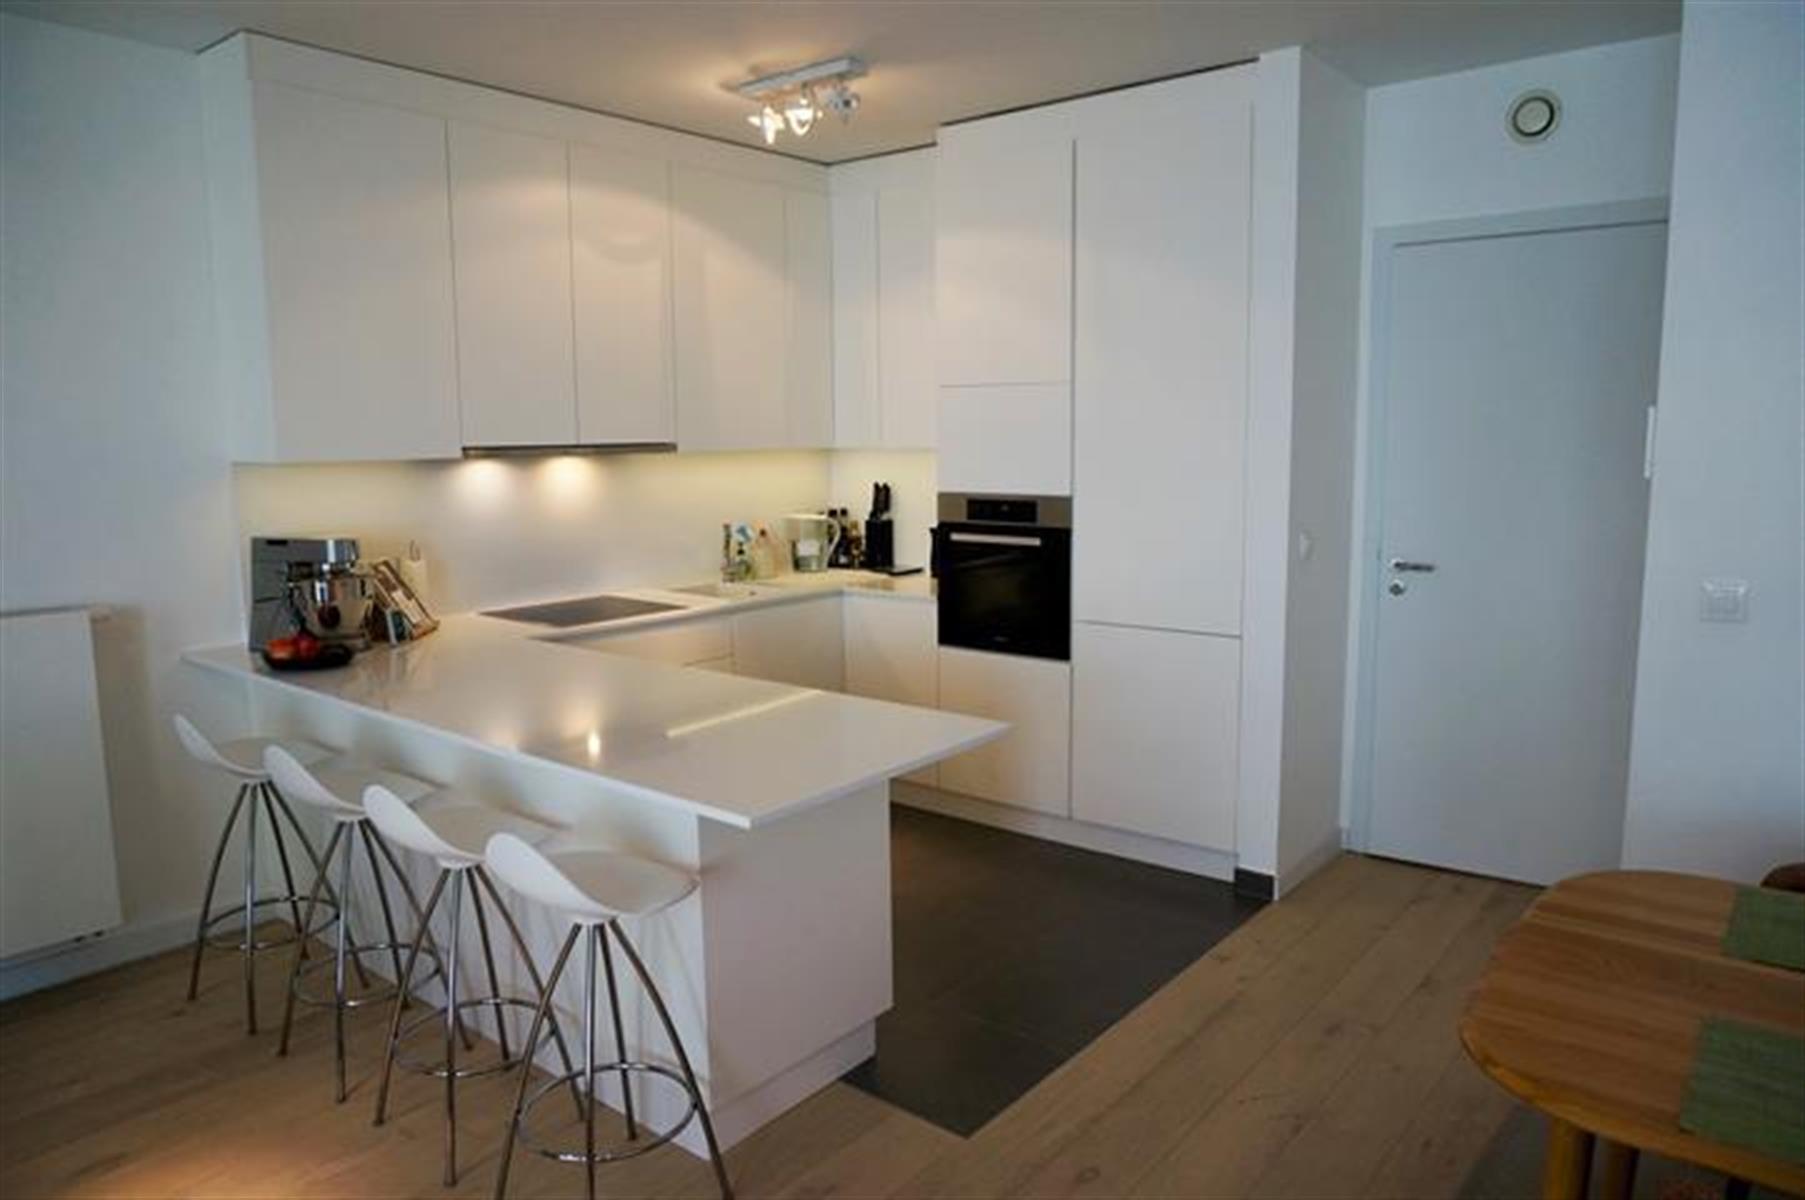 Flat - Ixelles - #4499294-5